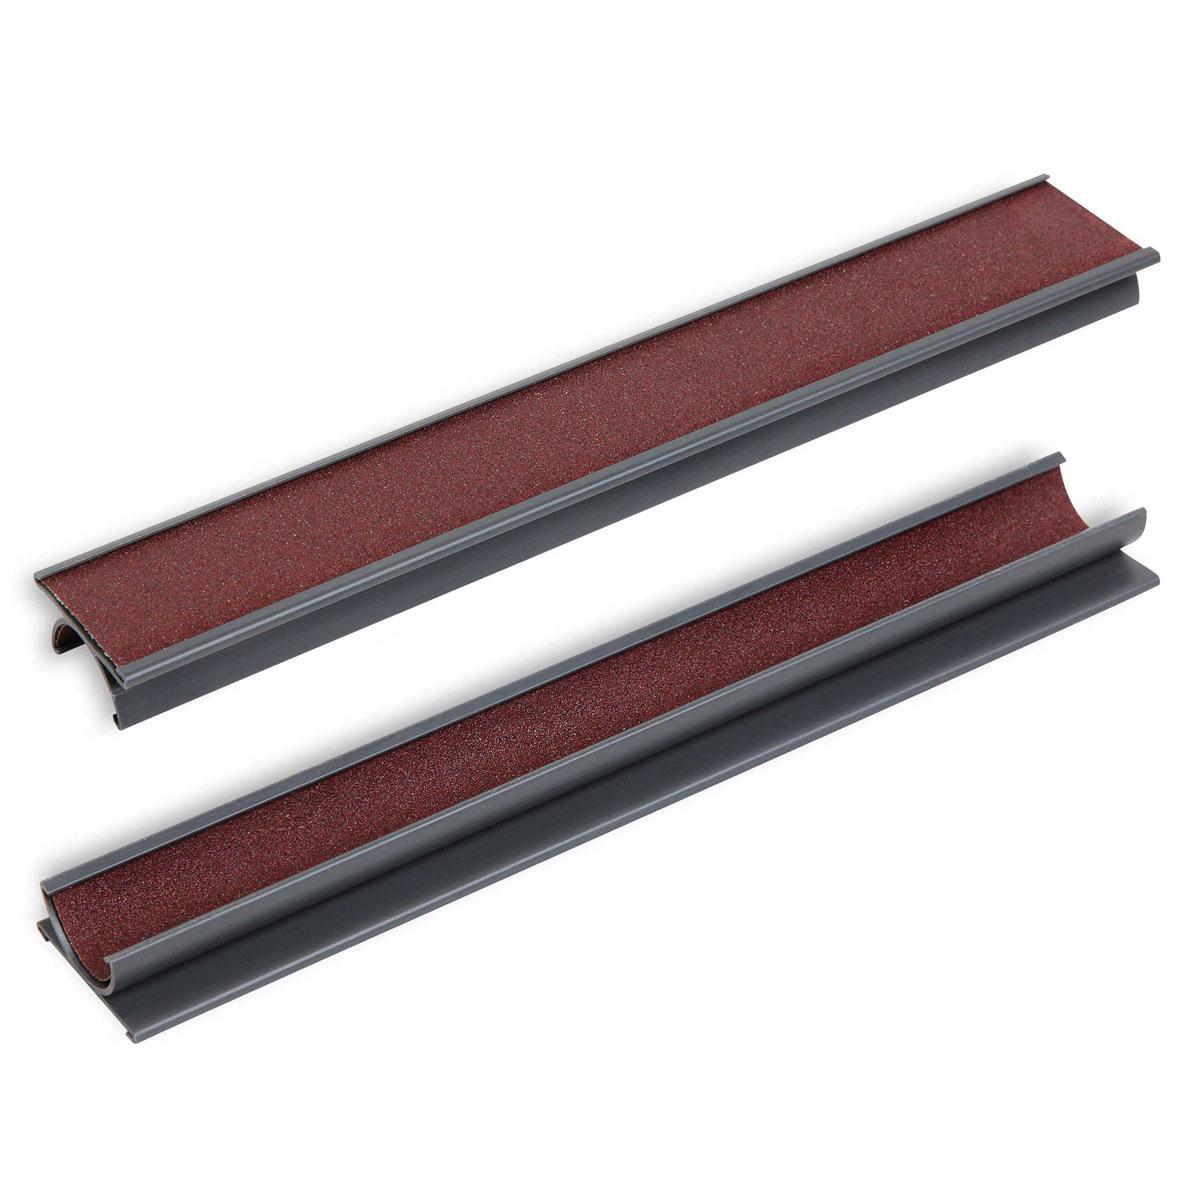 Триммер для обработки наклейки STD8198Триммер STD применяется как для формовки наклеек, так и для поддержания их в рабочем (шероховатом) состоянии. Выполнен из прочного пластика. Особенностью данного инструмента является то, что он двухсторонний.